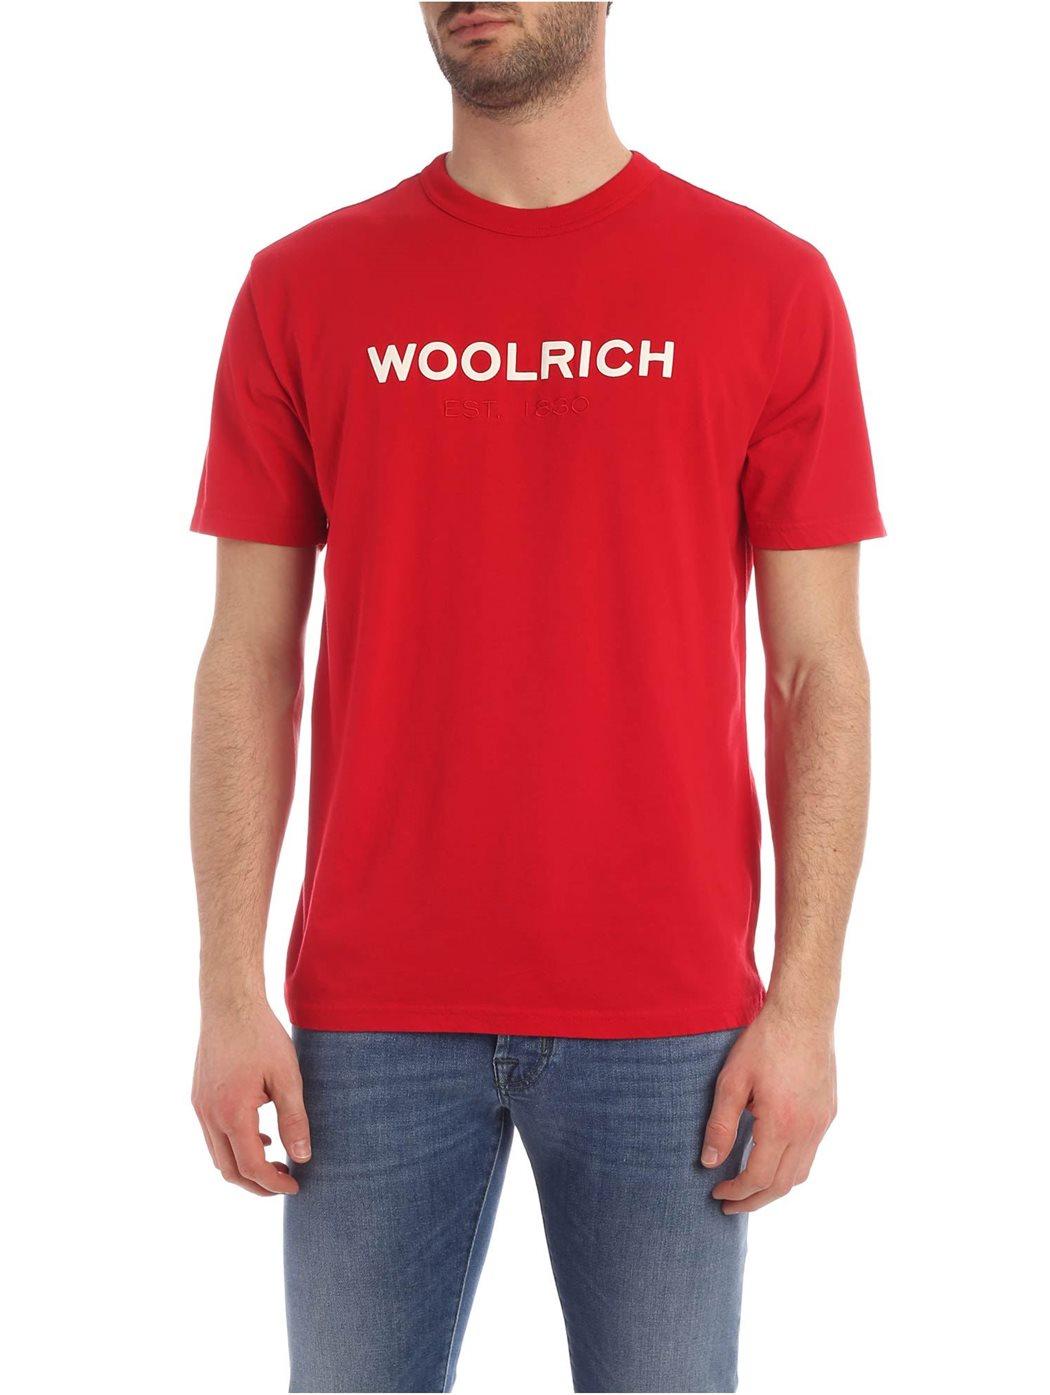 WOOLRICH wote0024mr 5405 T-SHIRT